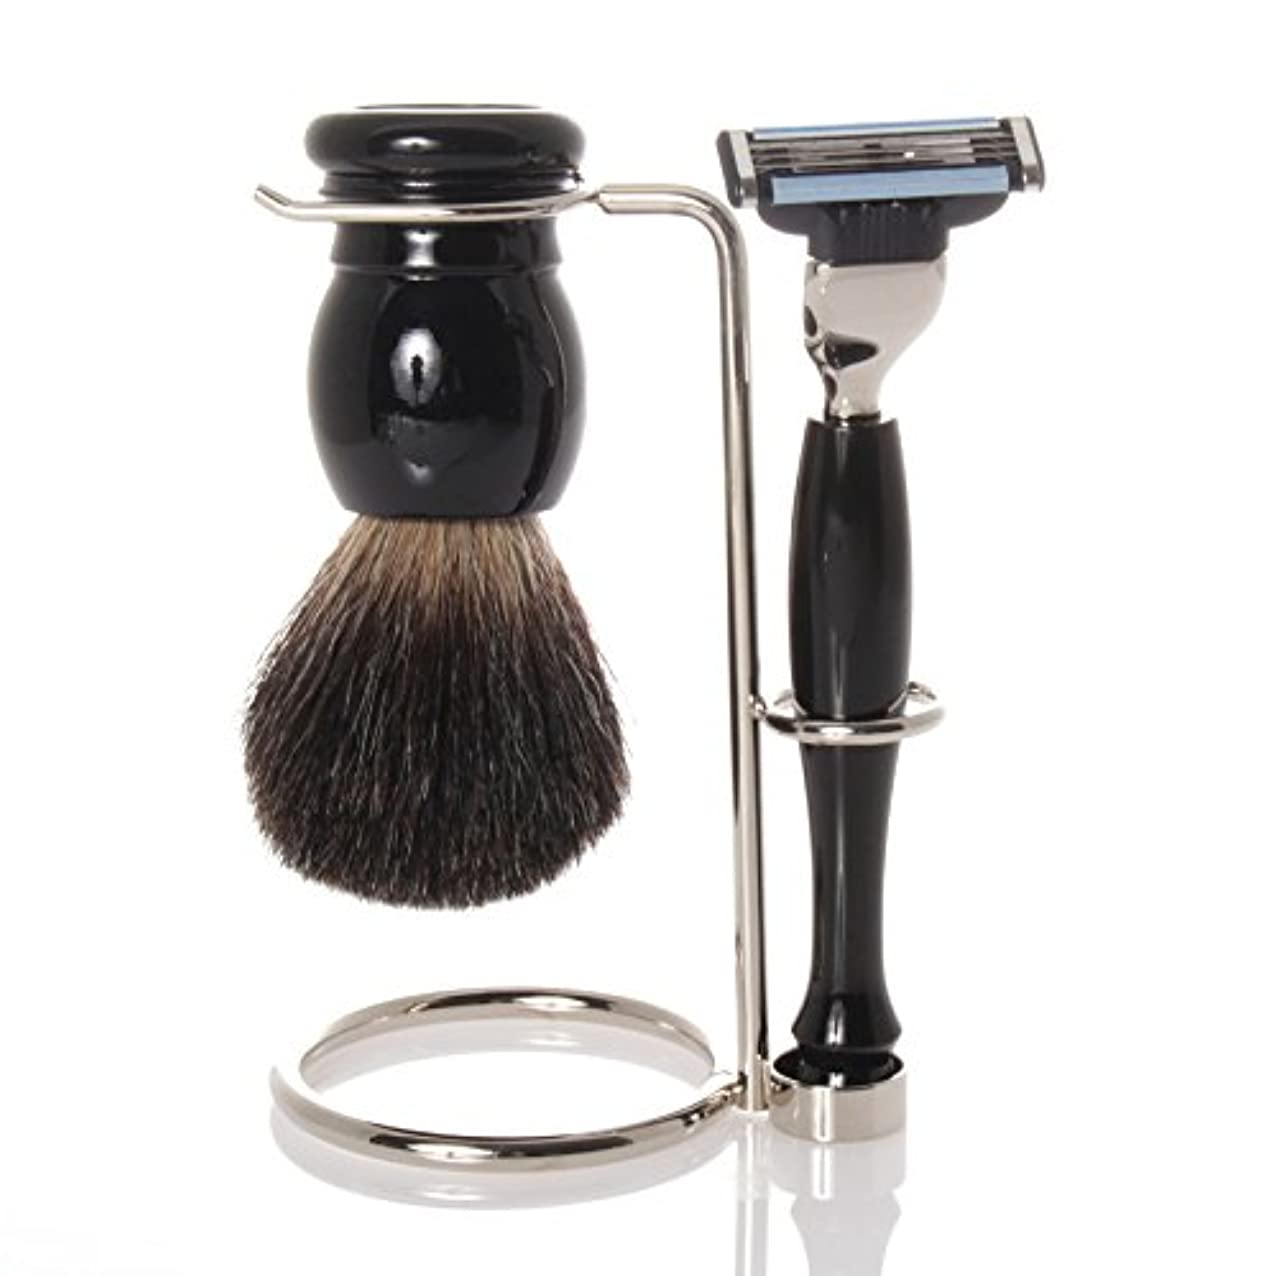 壁紙四コンサルタントShaving set with holder, grey badger brush, razor - Hans Baier Exclusive